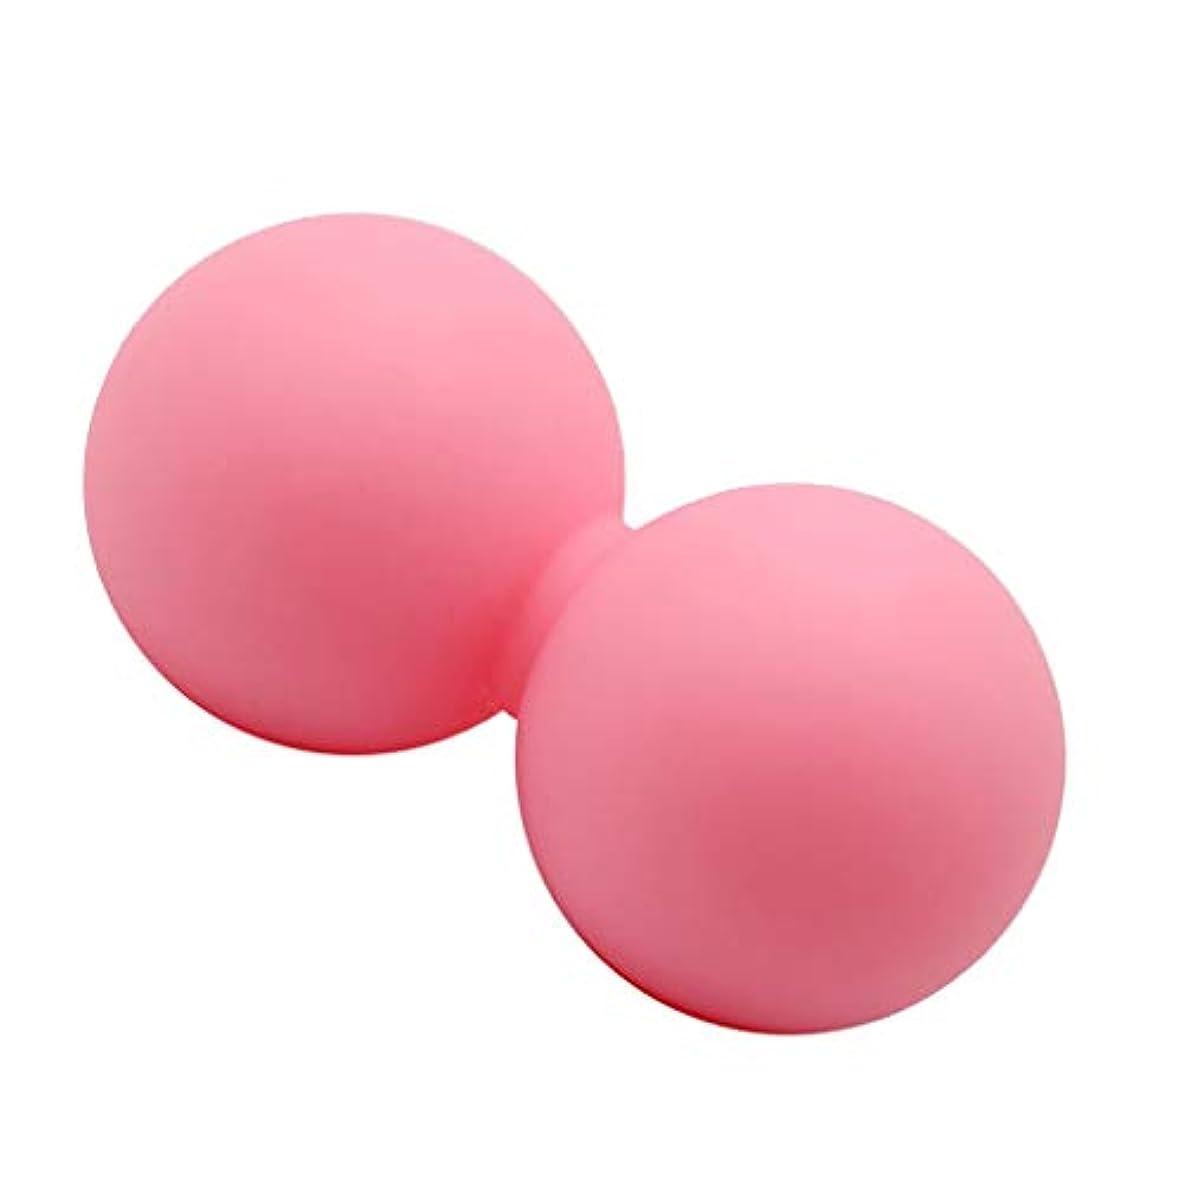 磁器添加ギャラリーマッサージ ヨガボール ピーナッツ形 痛み緩和 ピンク